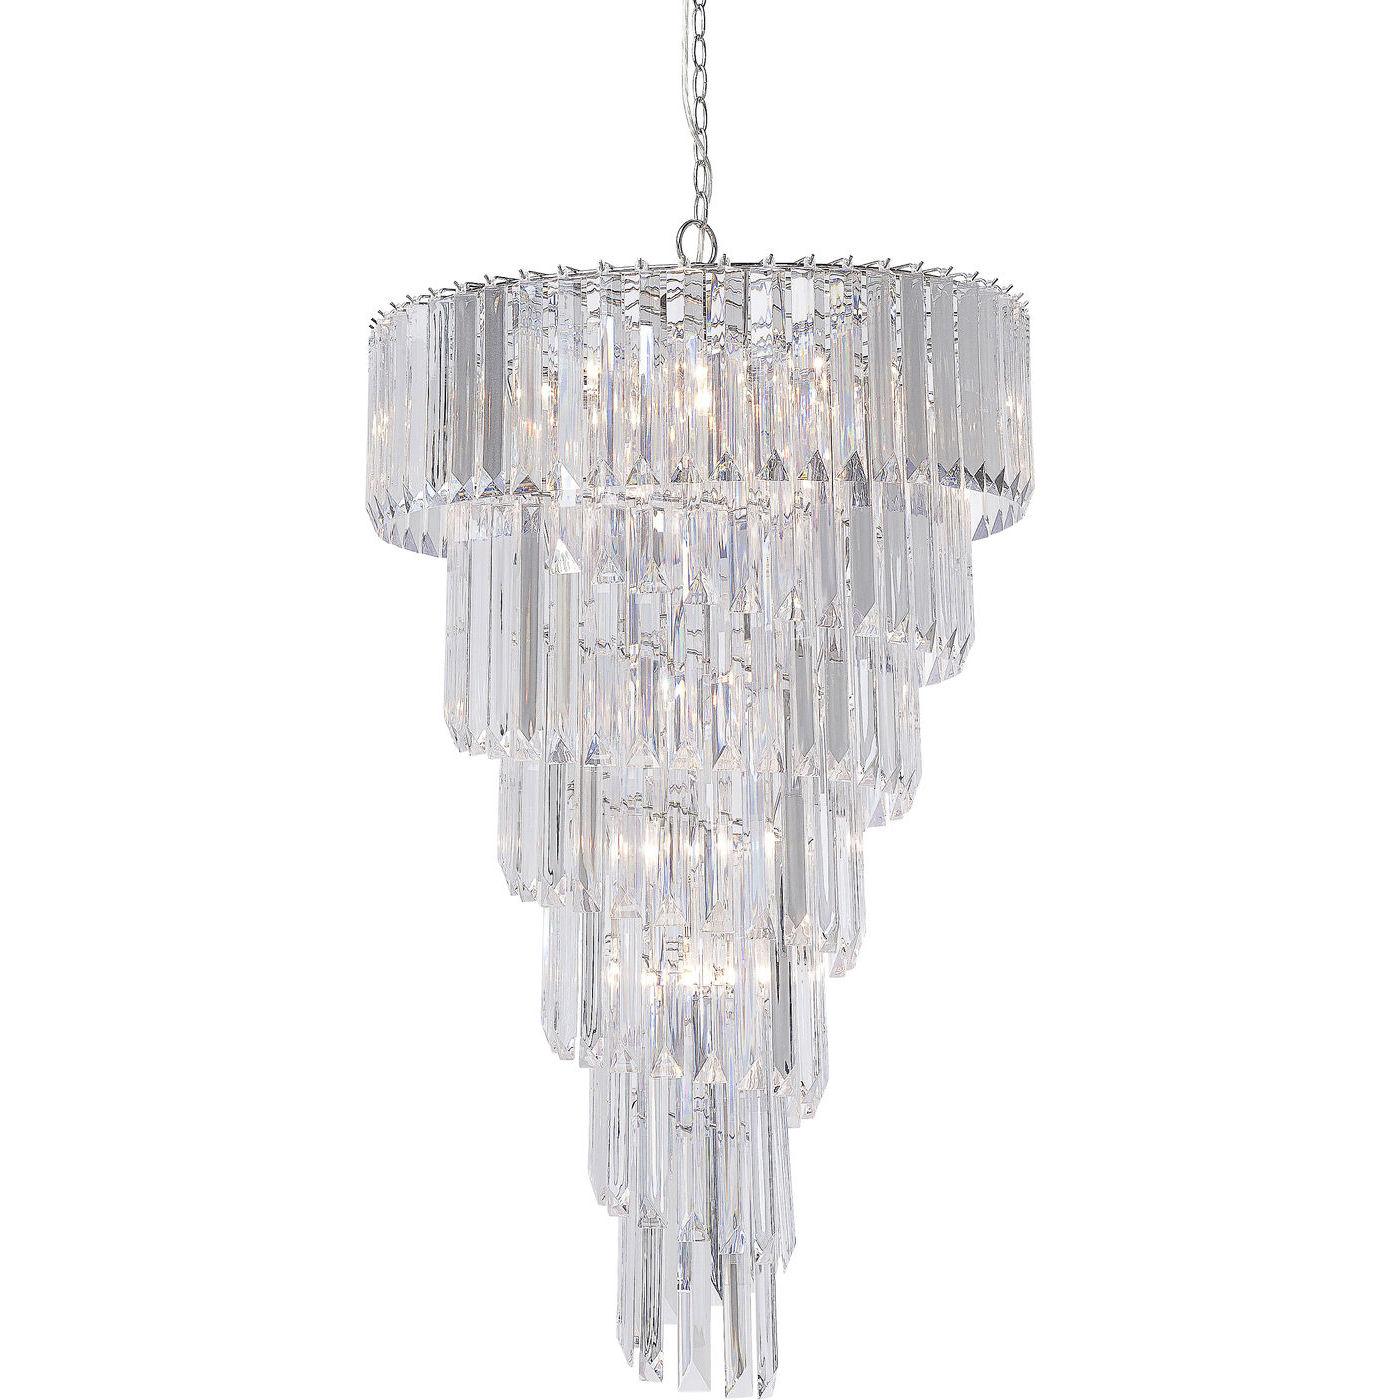 Billede af Kare Design Loftslampe, Bergkristall 13-lite